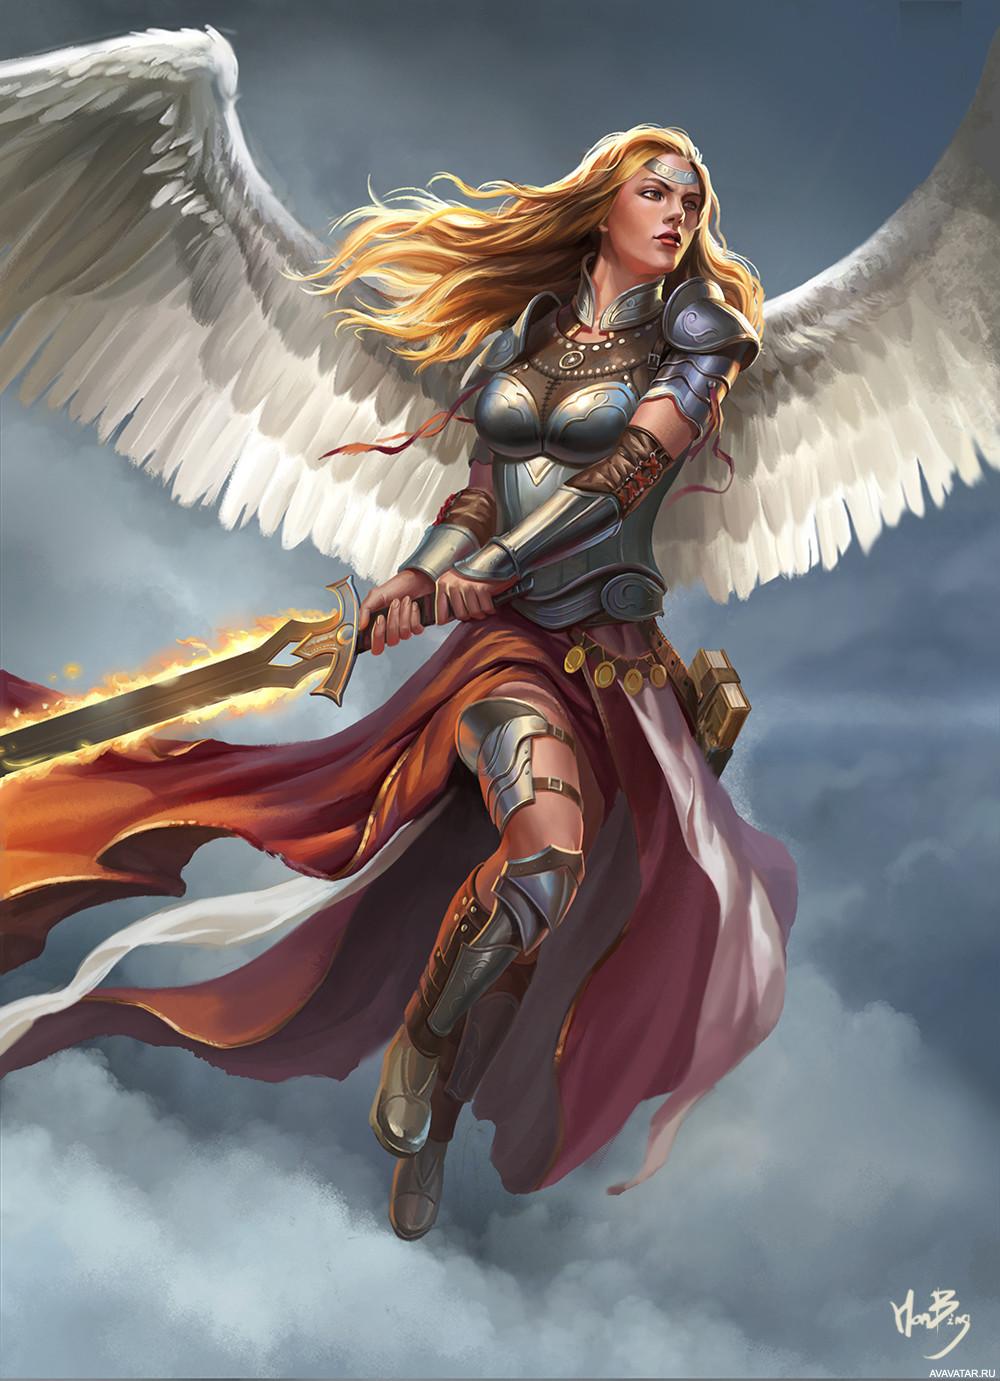 самое смотреть картинки фотки ангел с мечом вида